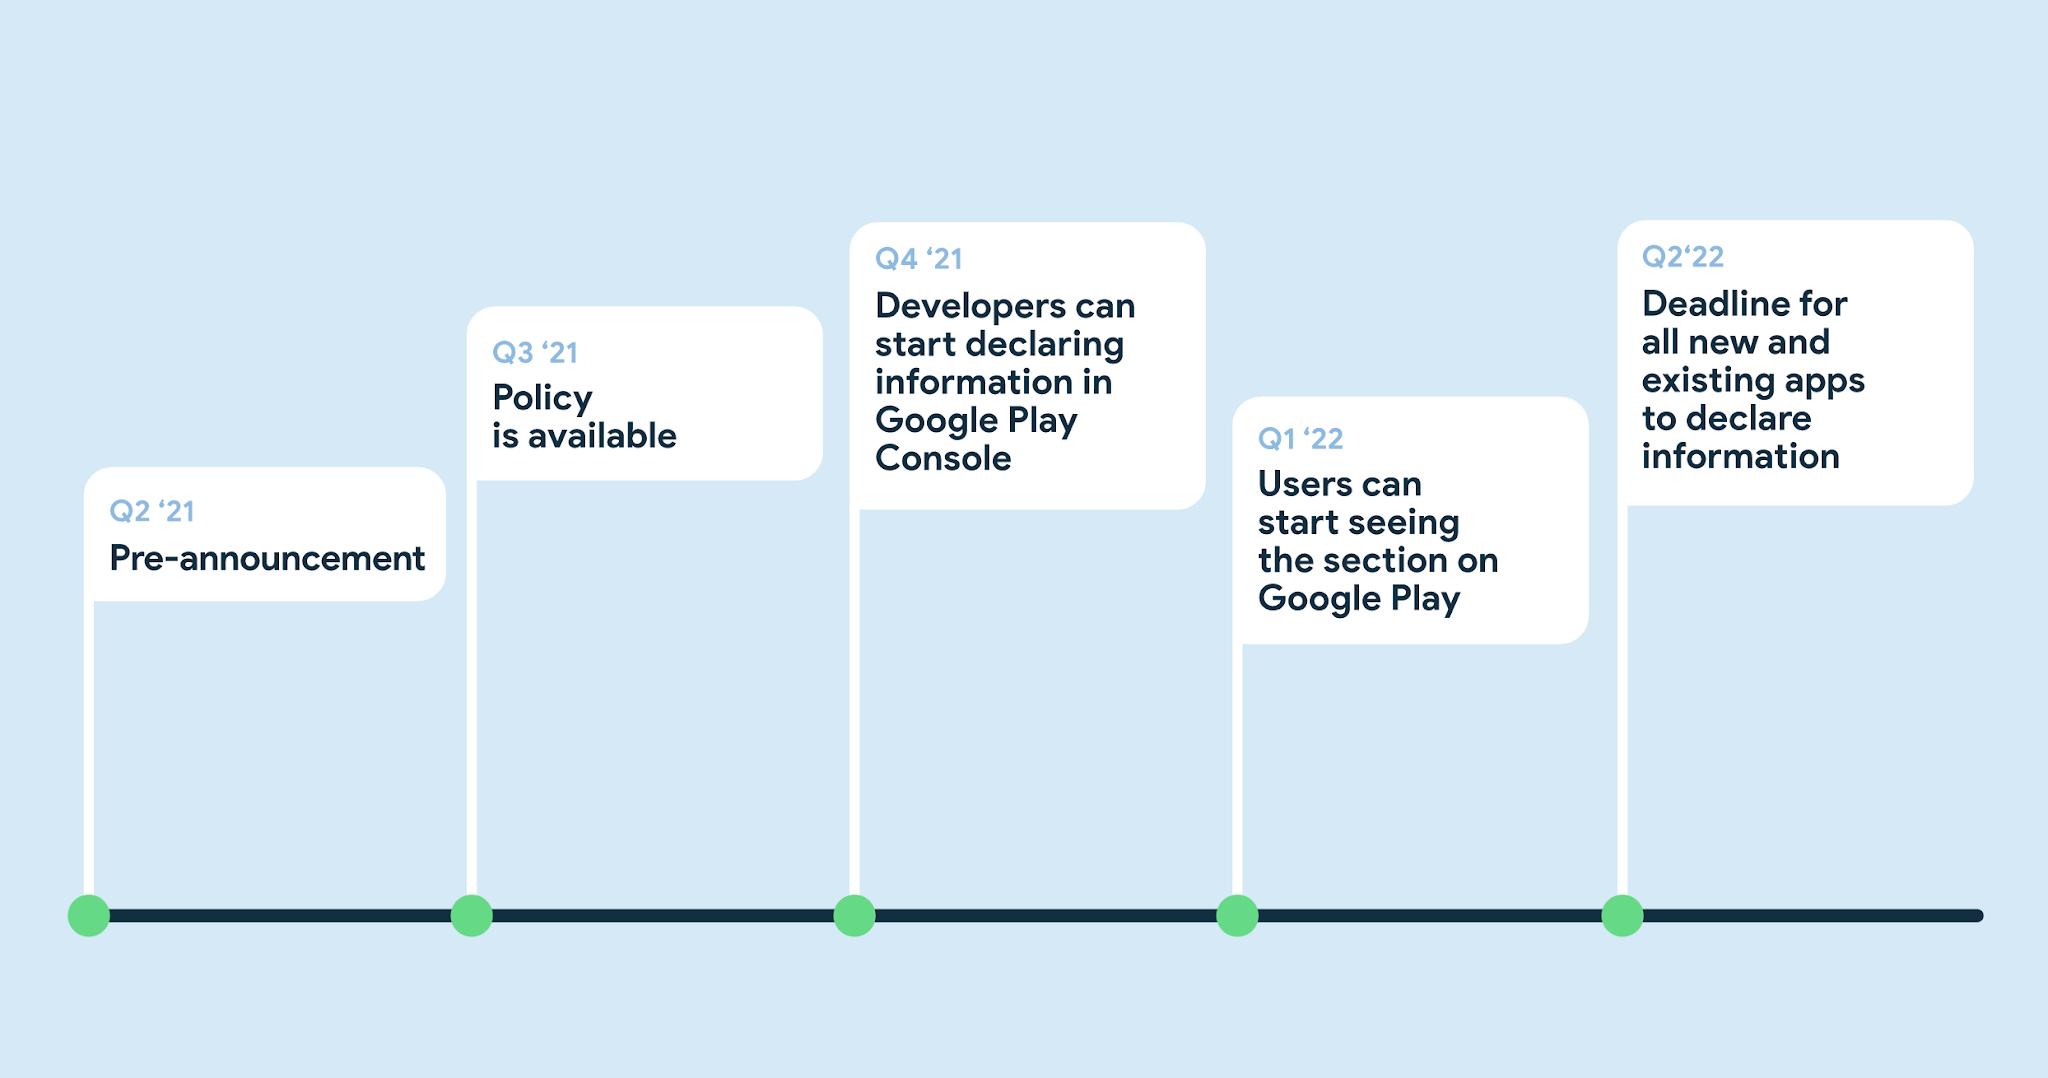 Cronograma de objetivos de Google para Android  nueva sección de seguridad en Google Play brindará transparencia sobre cómo las aplicaciones usan los datos